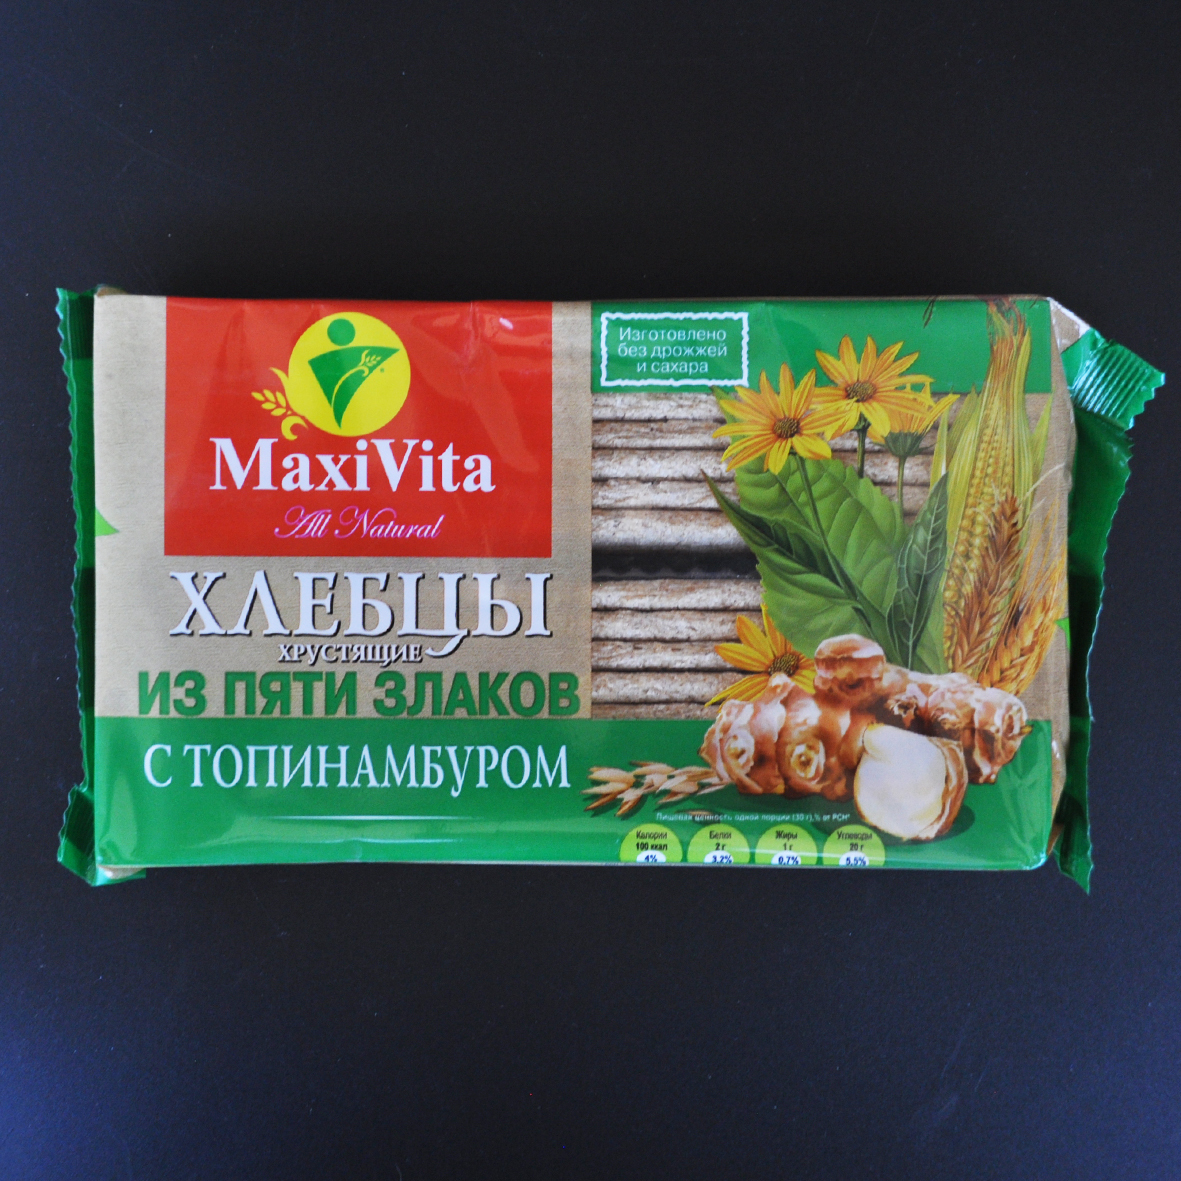 Хлебцы 5 злаков с топинамбуром 150 гр